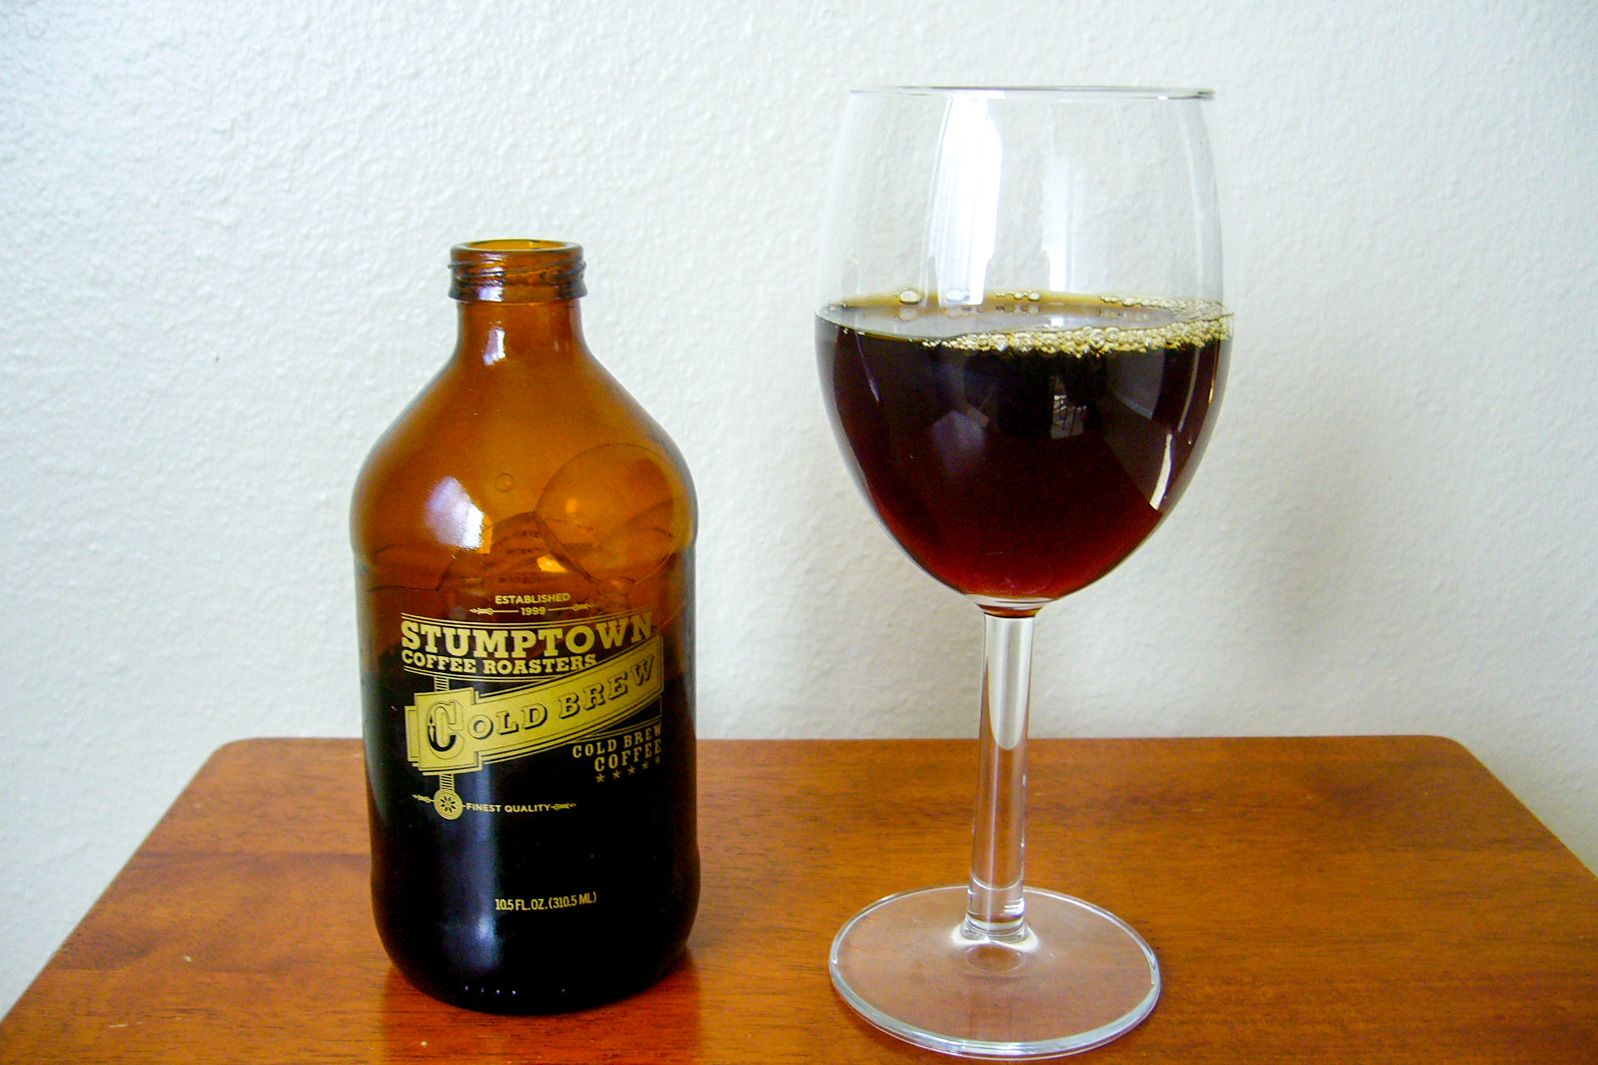 今年のコーヒーはコールドブリューがブーム Stumptown Coffee Cold Brew をためしてみる Noren Portland コールドブリュー コーヒー アイスコーヒー